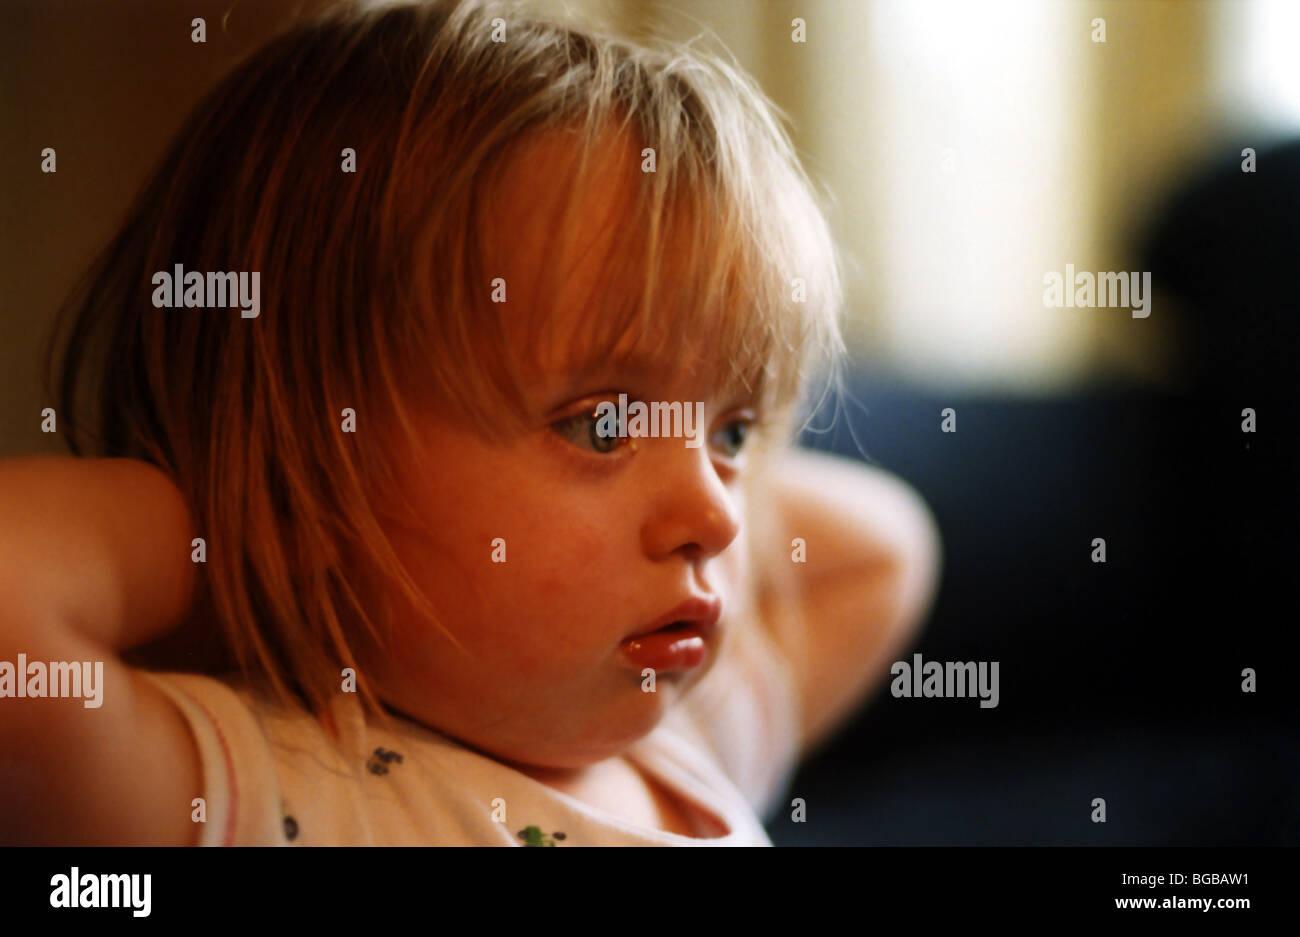 Photographie de l'enfant regardant la tv television grossoyée childrens Banque D'Images